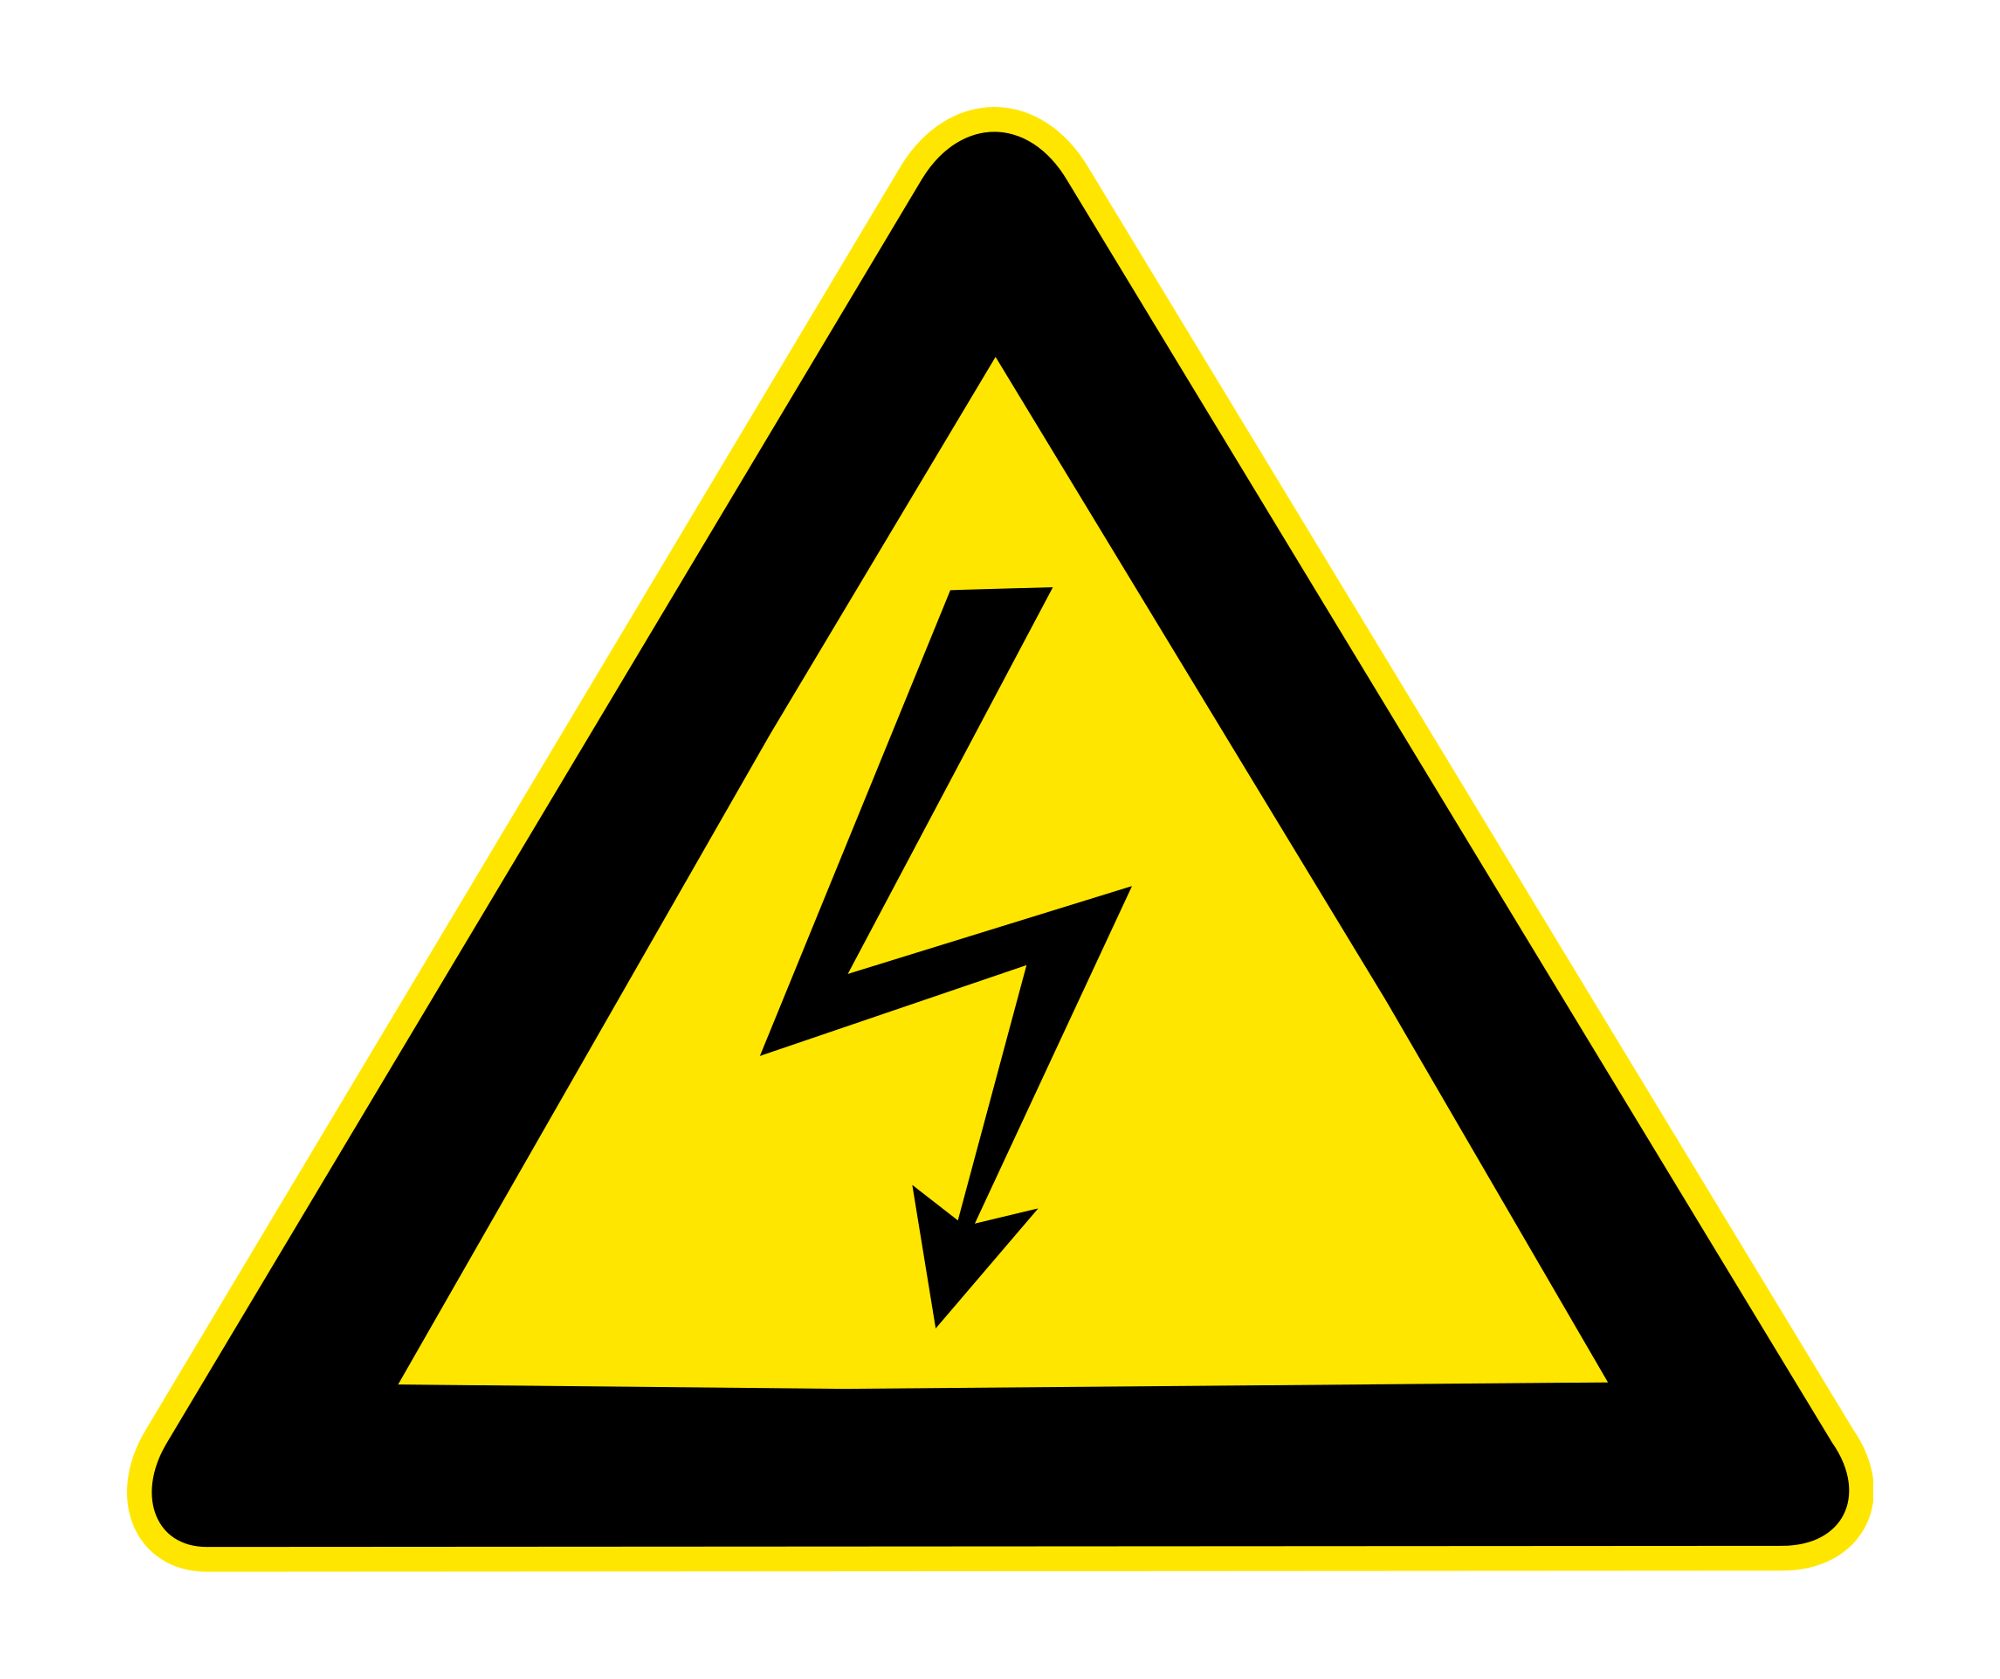 spannung schild der elektriker